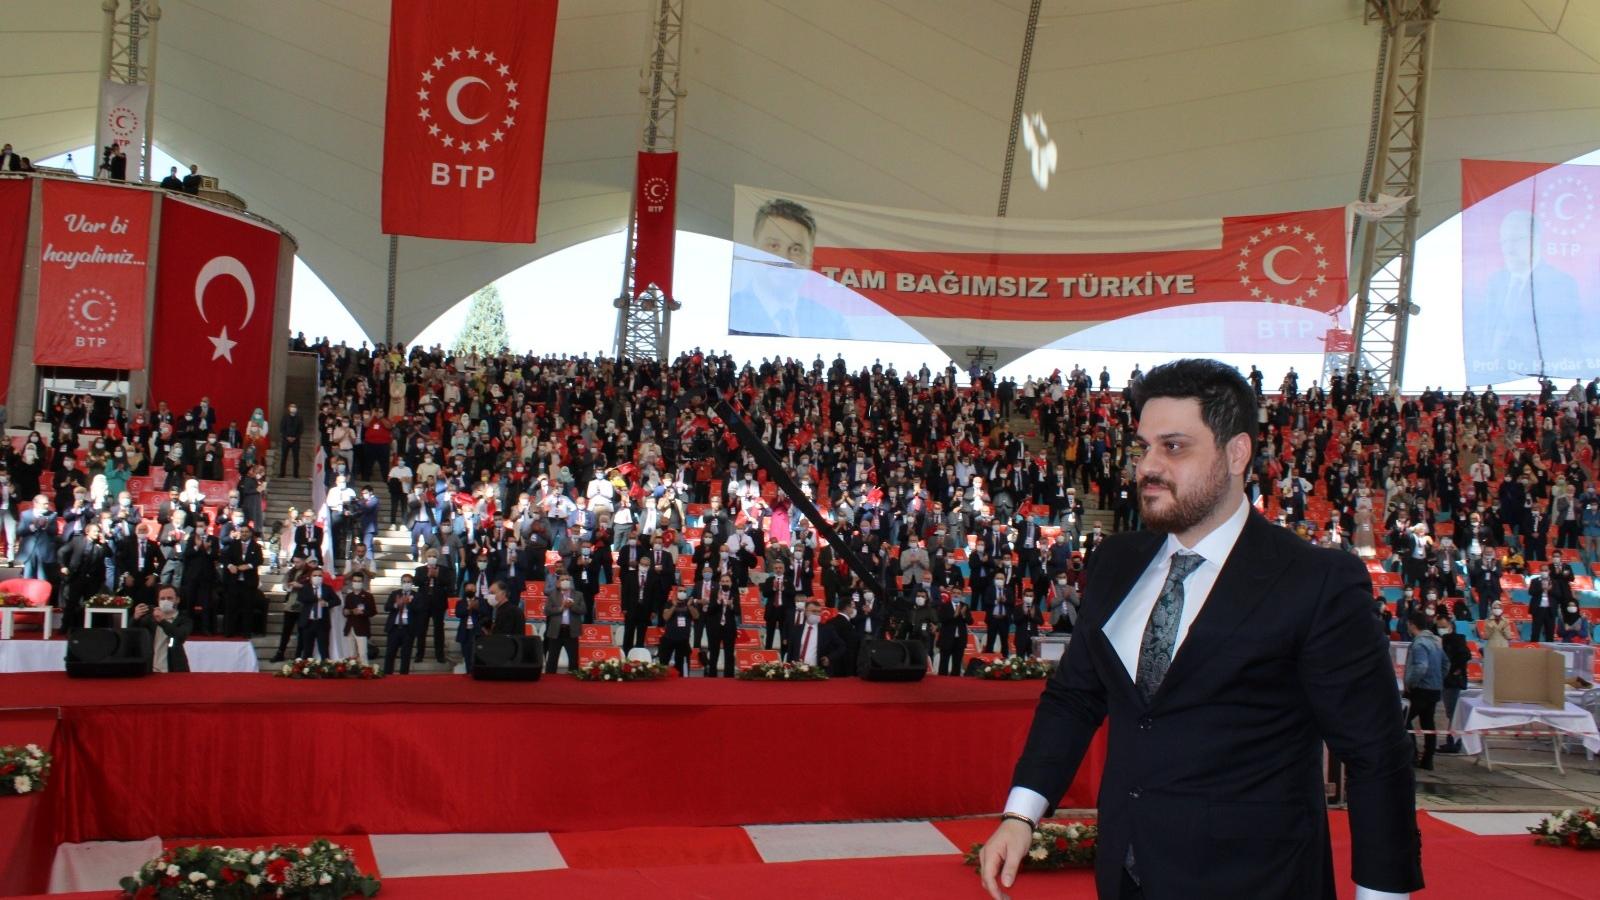 BTP Lideri Hüseyin Baş: 3 Cumhurbaşkanına #3DevletTekMillet çağrısı yaptı